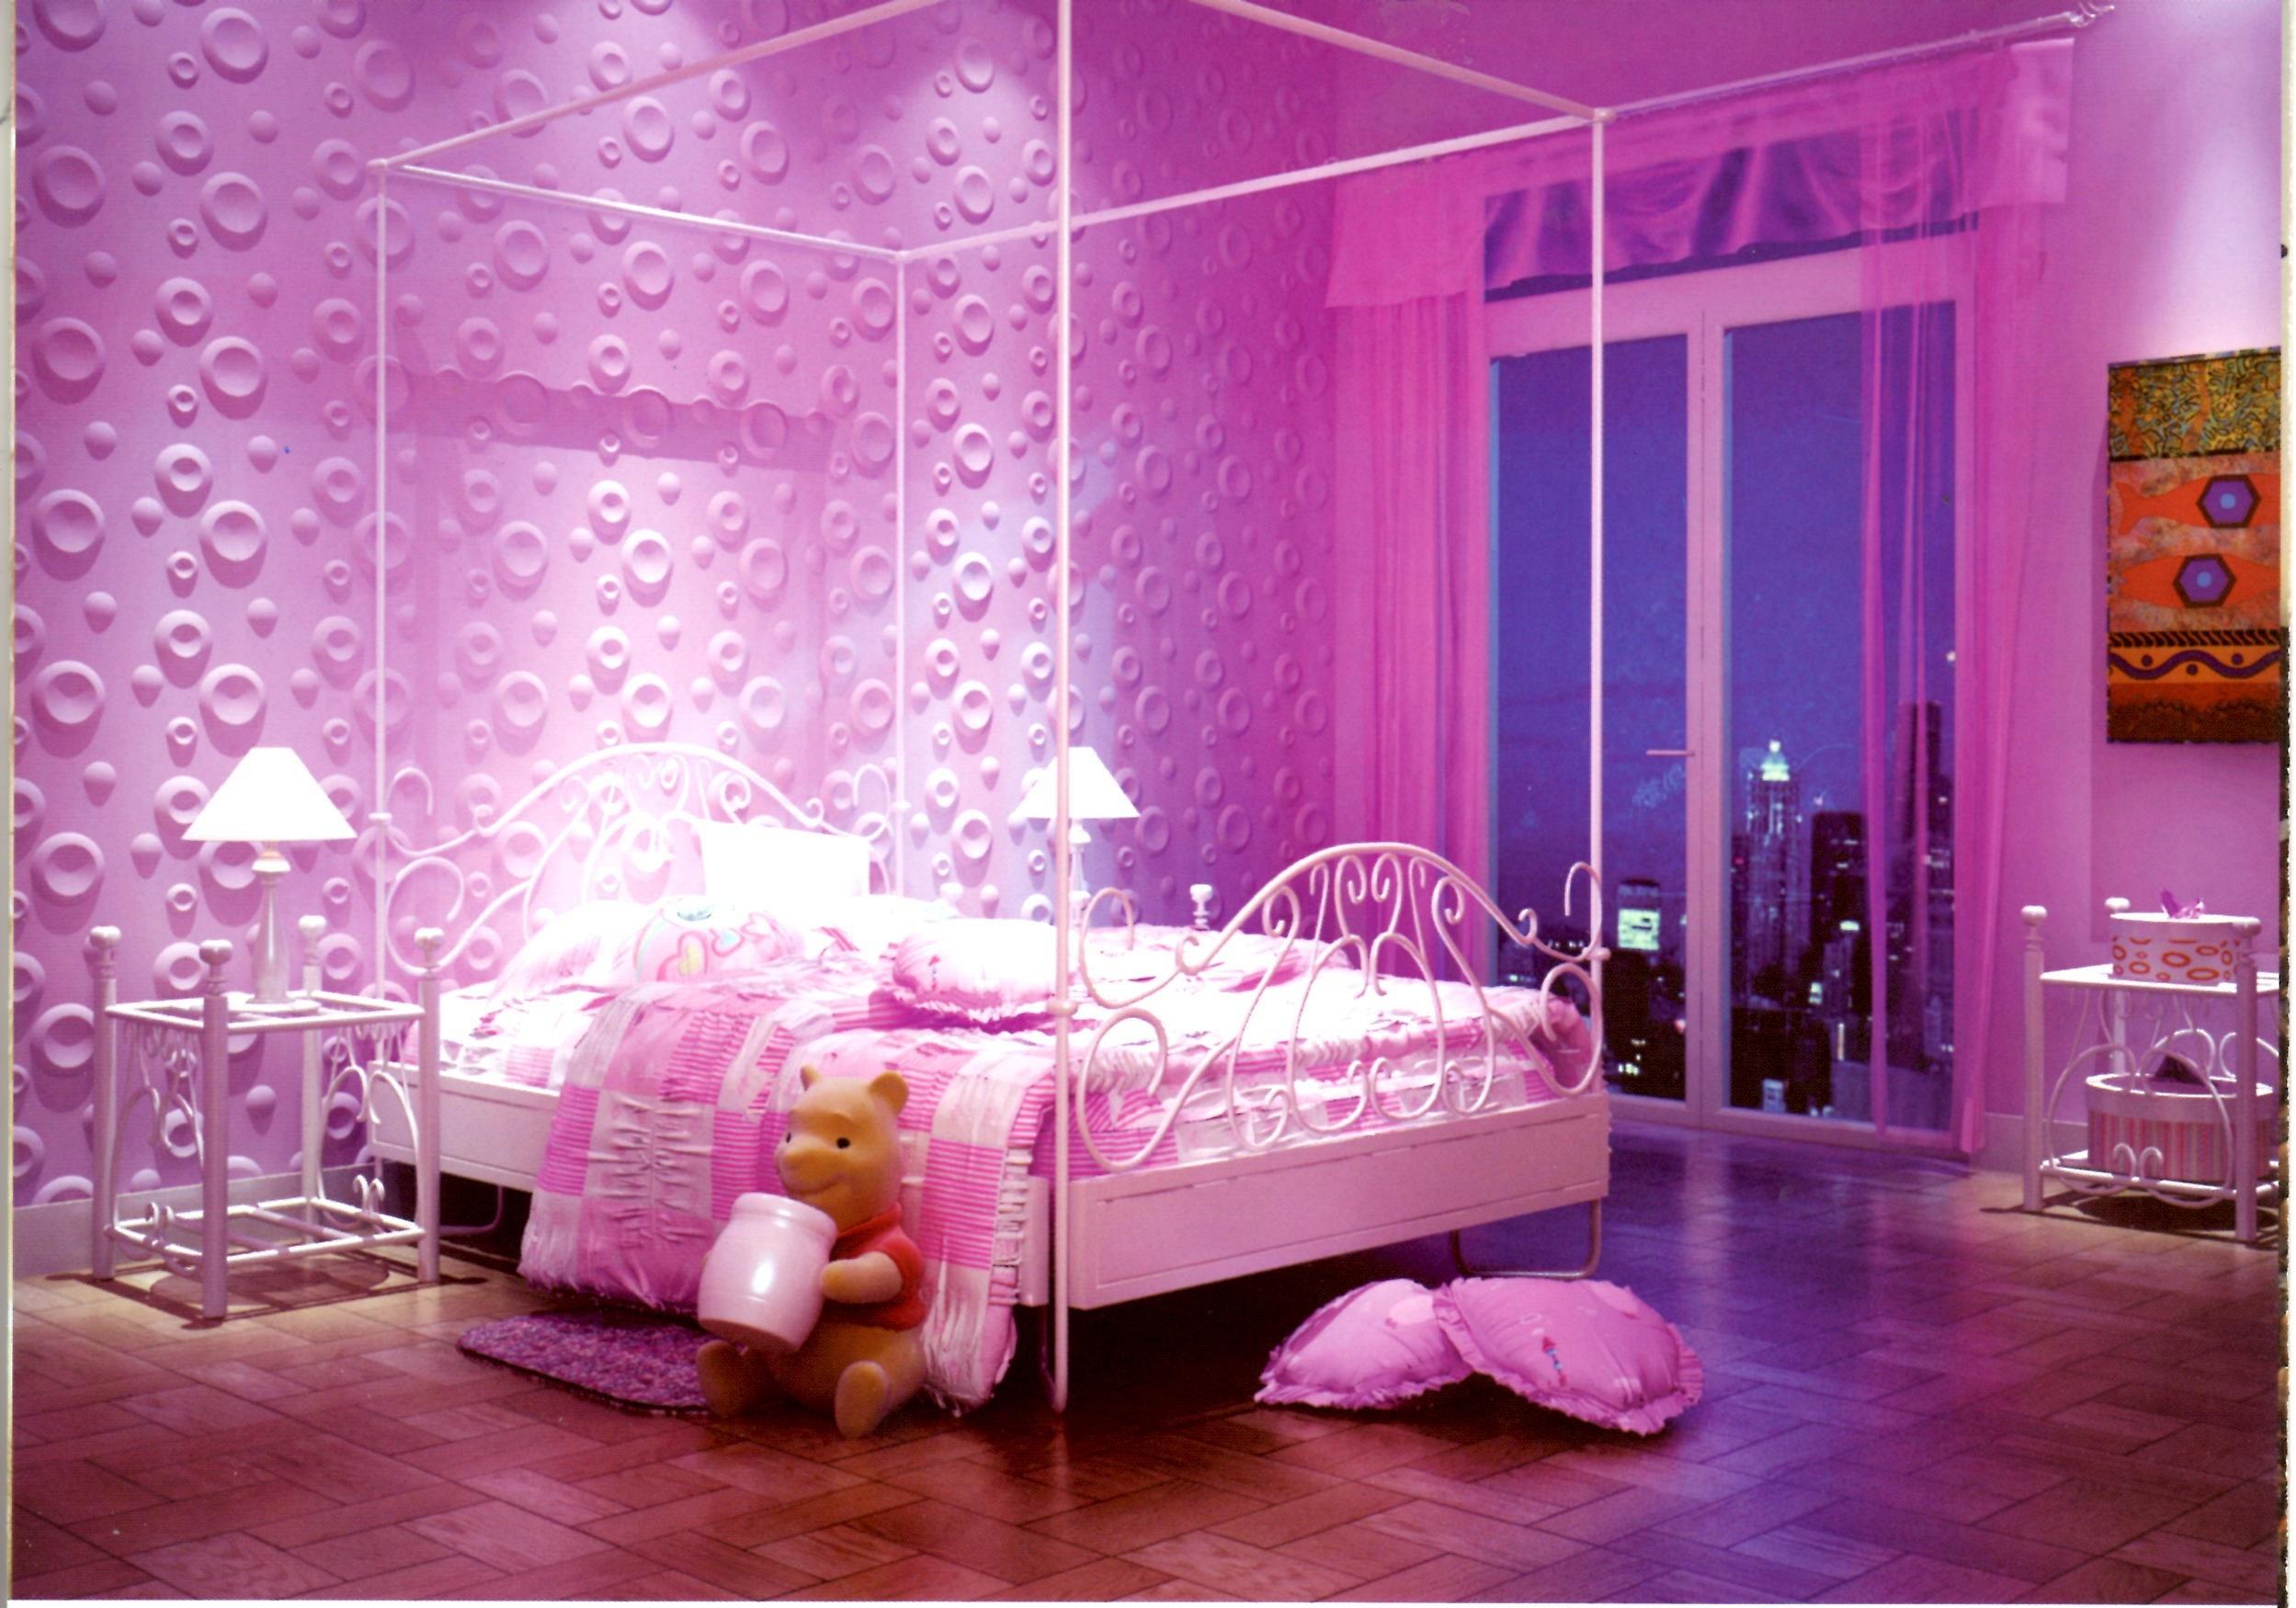 بالصور ديكور غرف نوم بنات , اجمل تصاميم للاوض الفتيات 5797 9